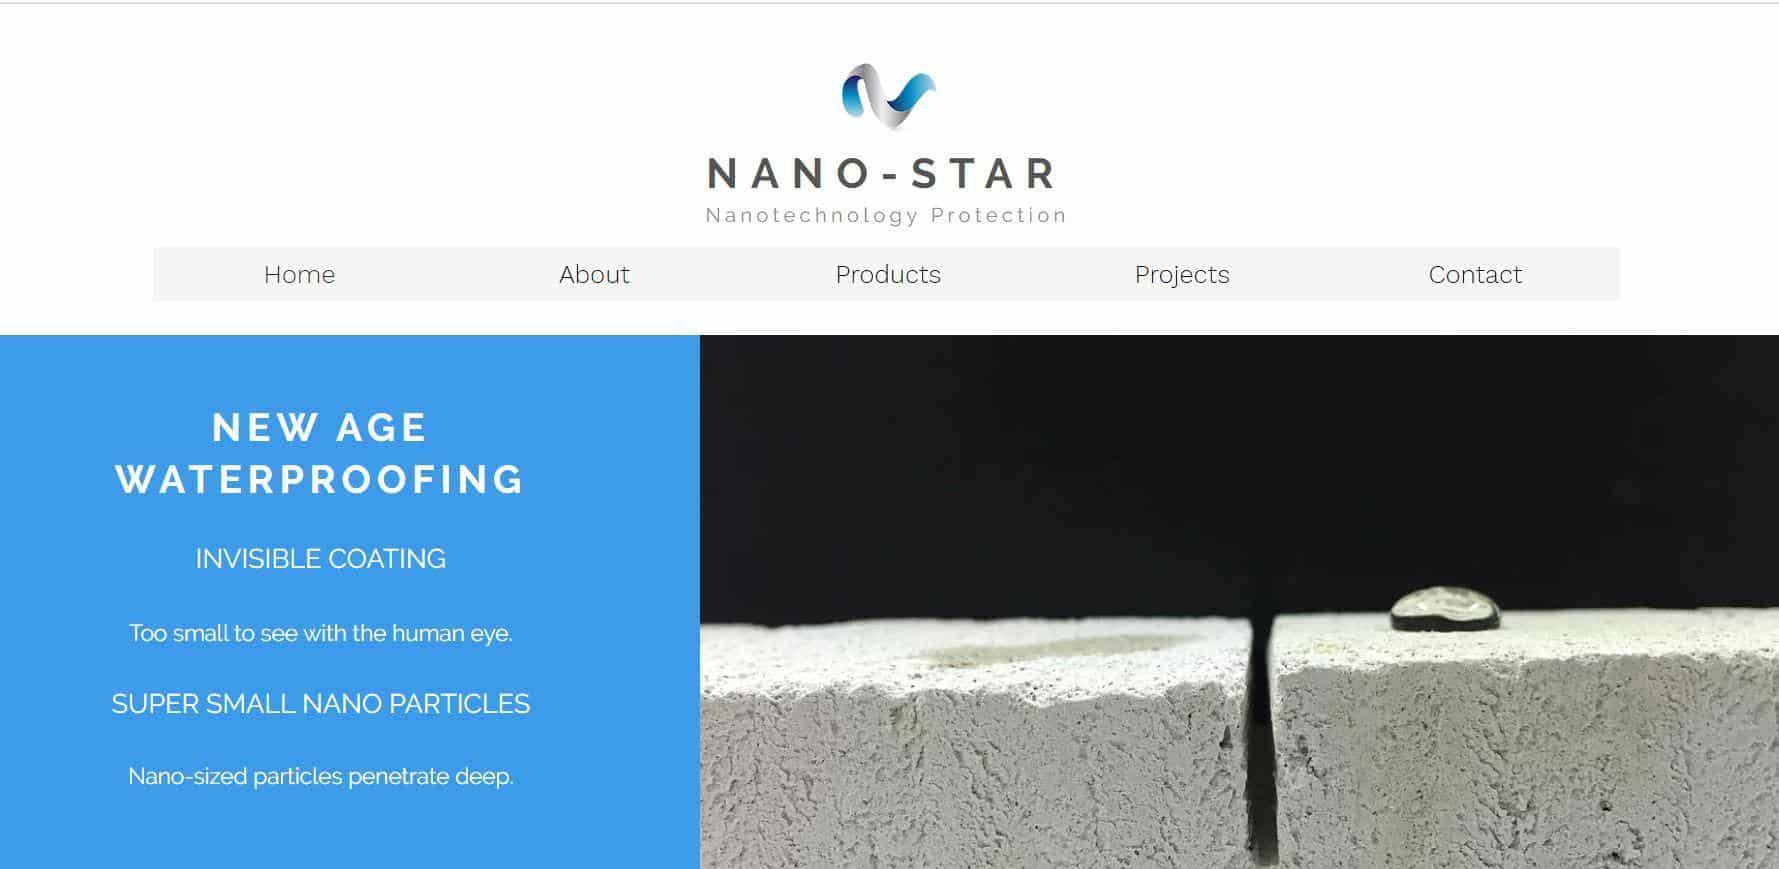 NANO-STAR is 10 Best Waterproofing Contractors in Singapore, Waterproofing Company In Singapore With Prices, best Waterproofing Contractor Singapore, Waterproofing Contractor Singapore Specialist,  top and leading specialist waterproofing contractor in Singapore,